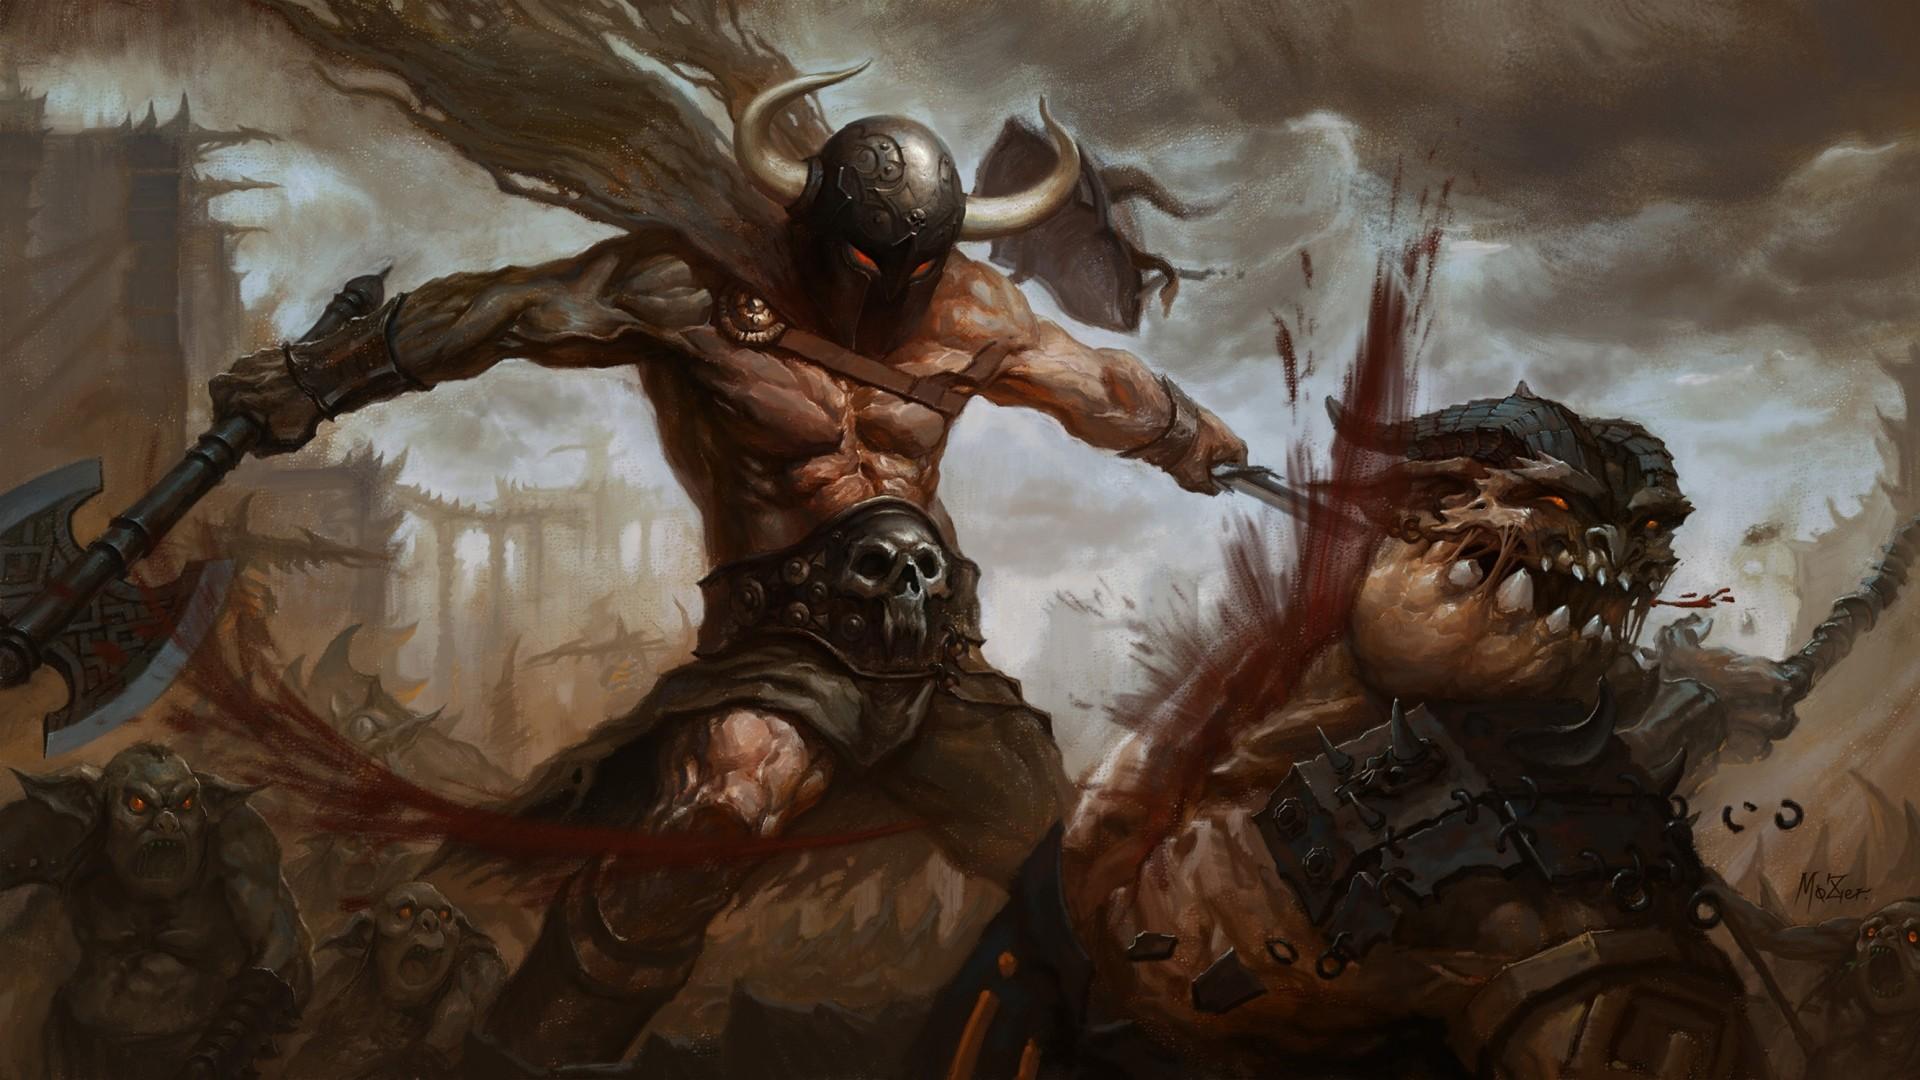 Wallpaper arms, art, battle, warrior, monsters